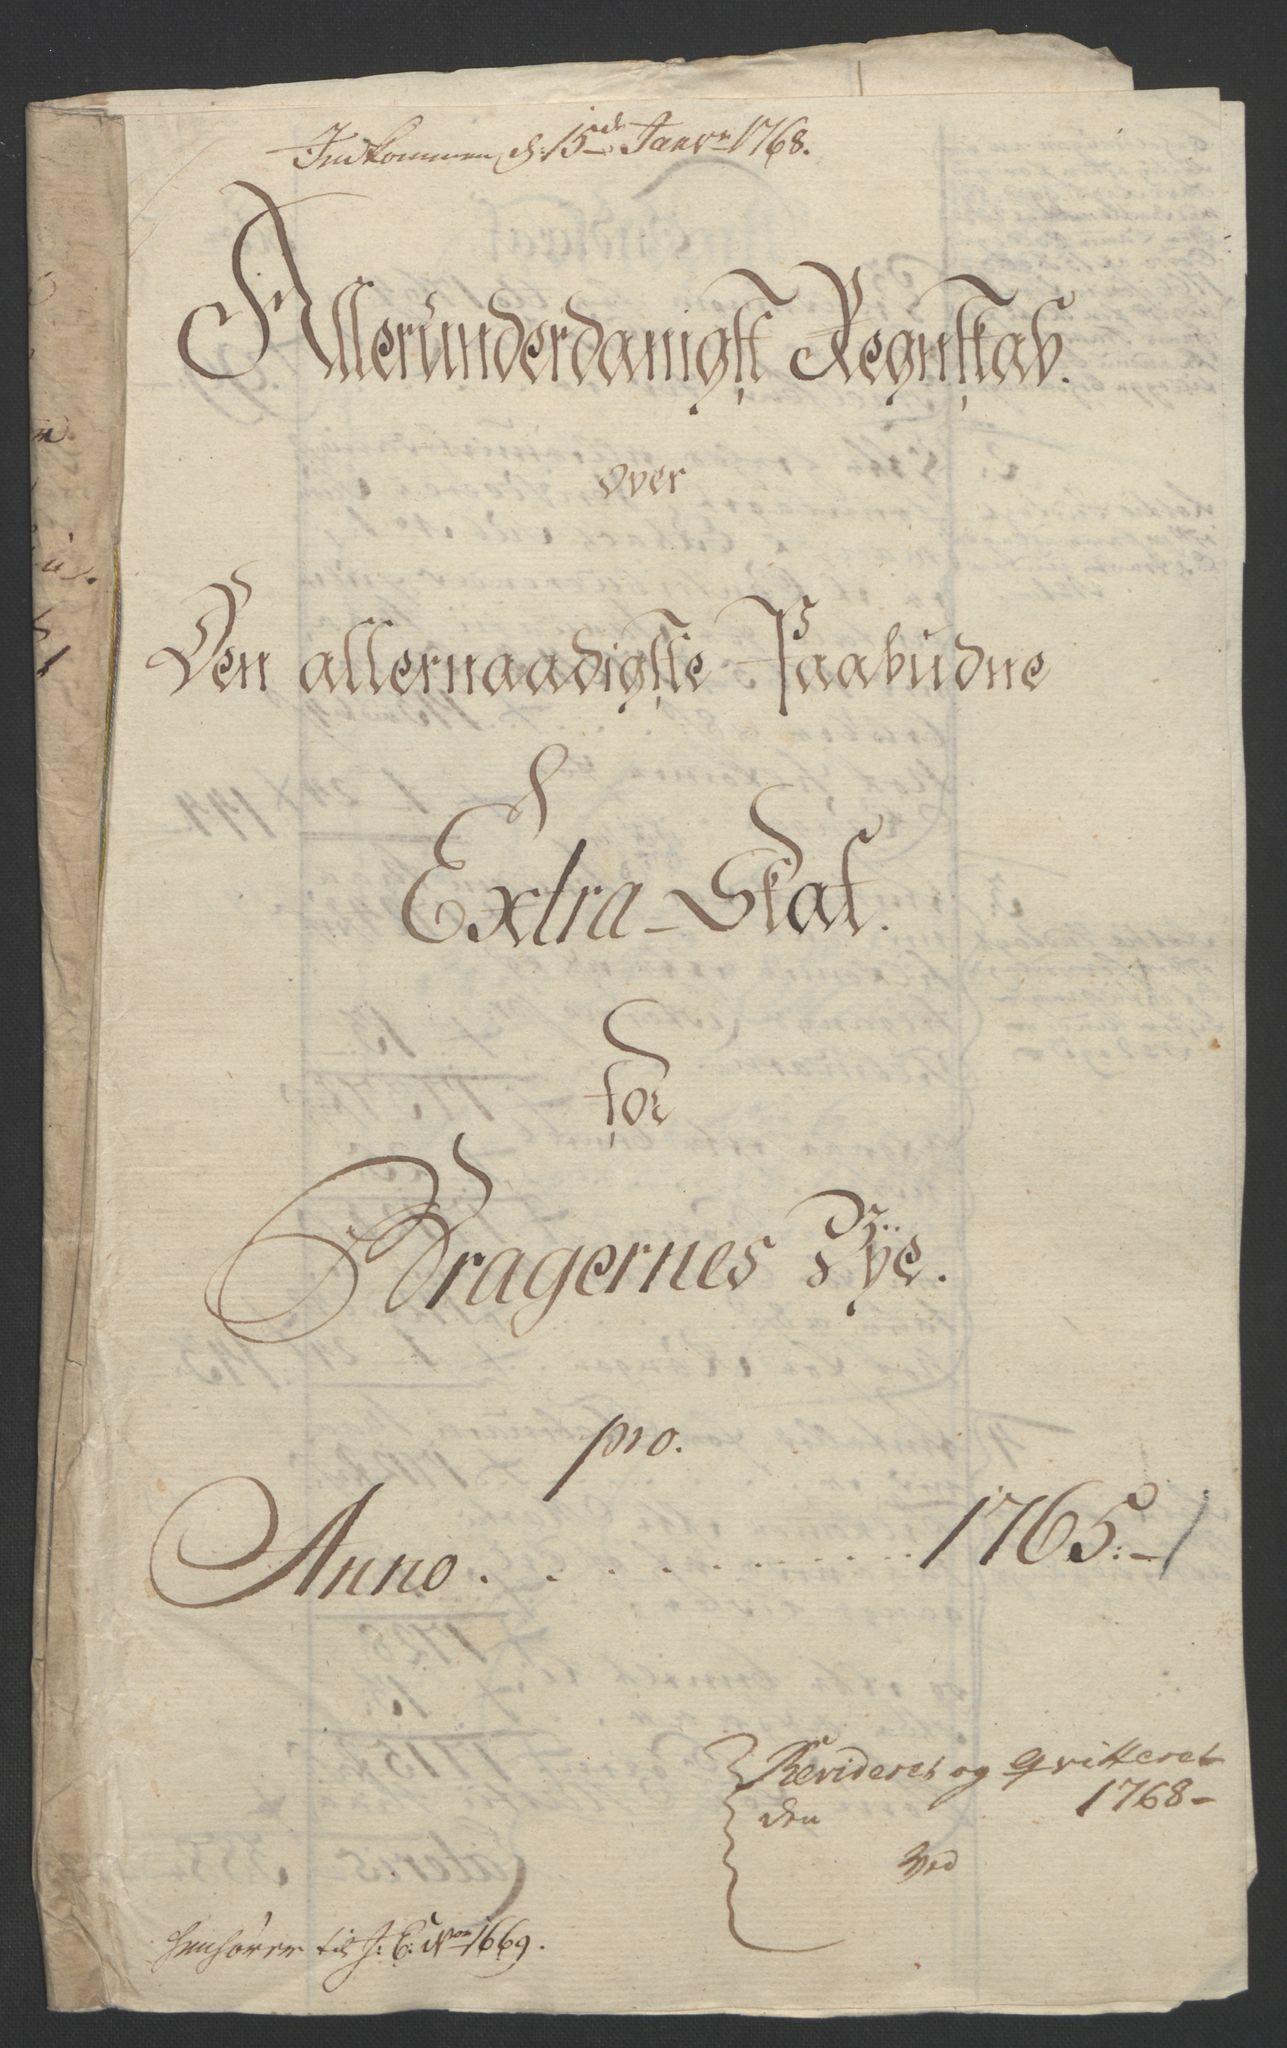 RA, Rentekammeret inntil 1814, Reviderte regnskaper, Byregnskaper, R/Rf/L0119: [F2] Kontribusjonsregnskap, 1762-1767, s. 263